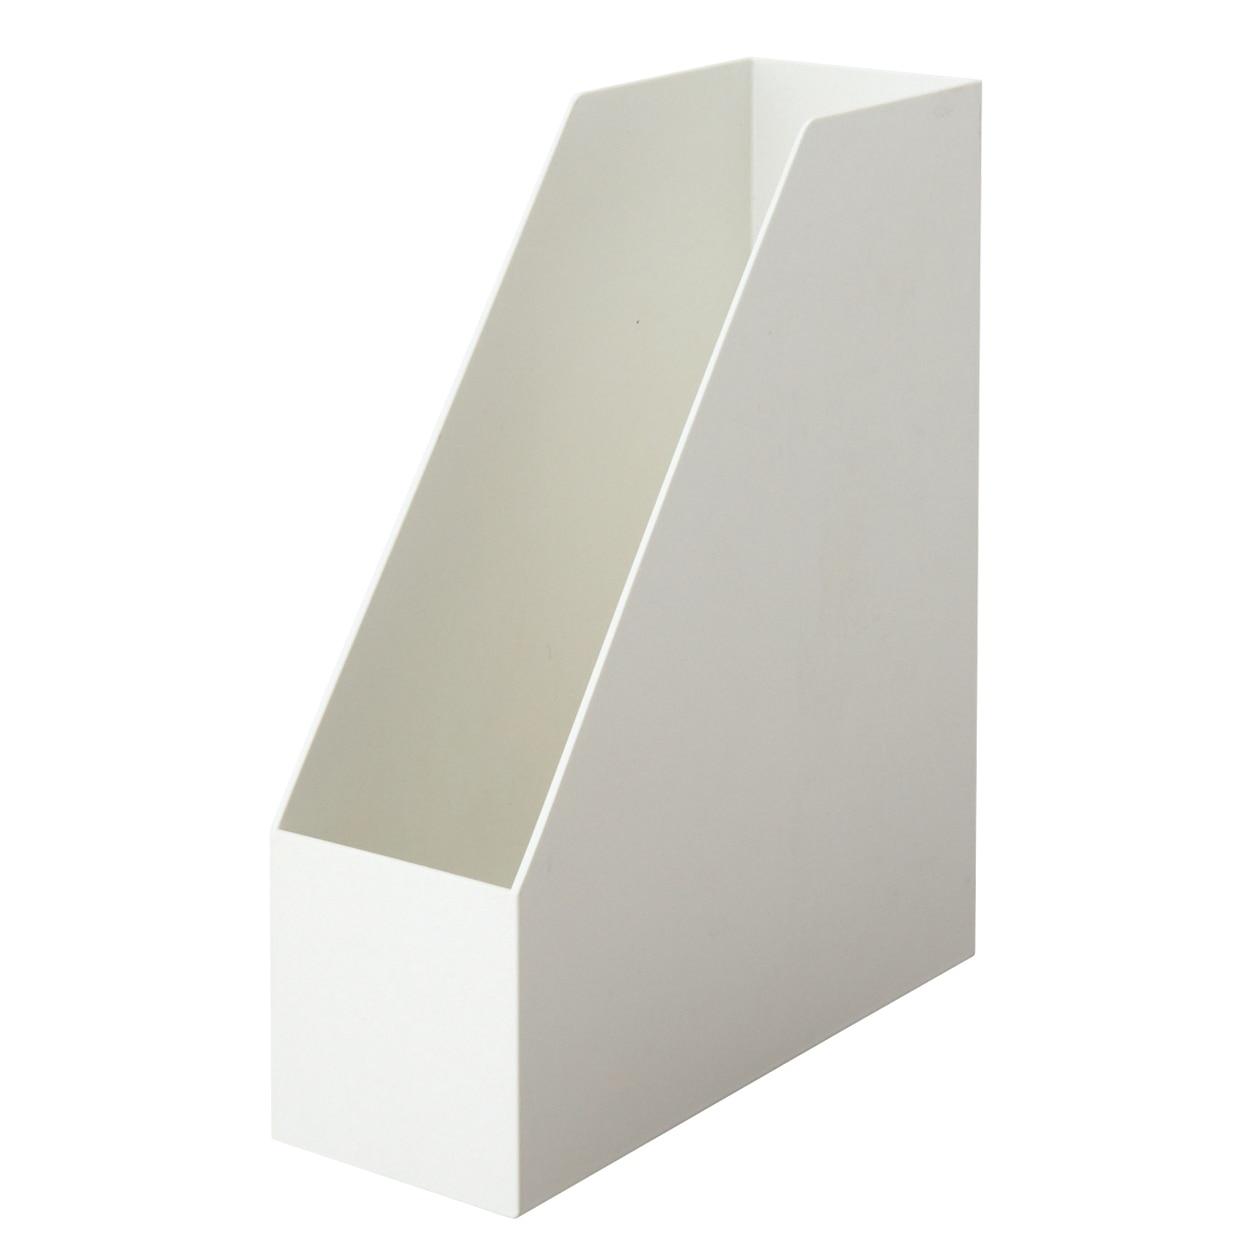 ポリプロピレンスタンドファイルボックス・A4用 ホワイトグレー